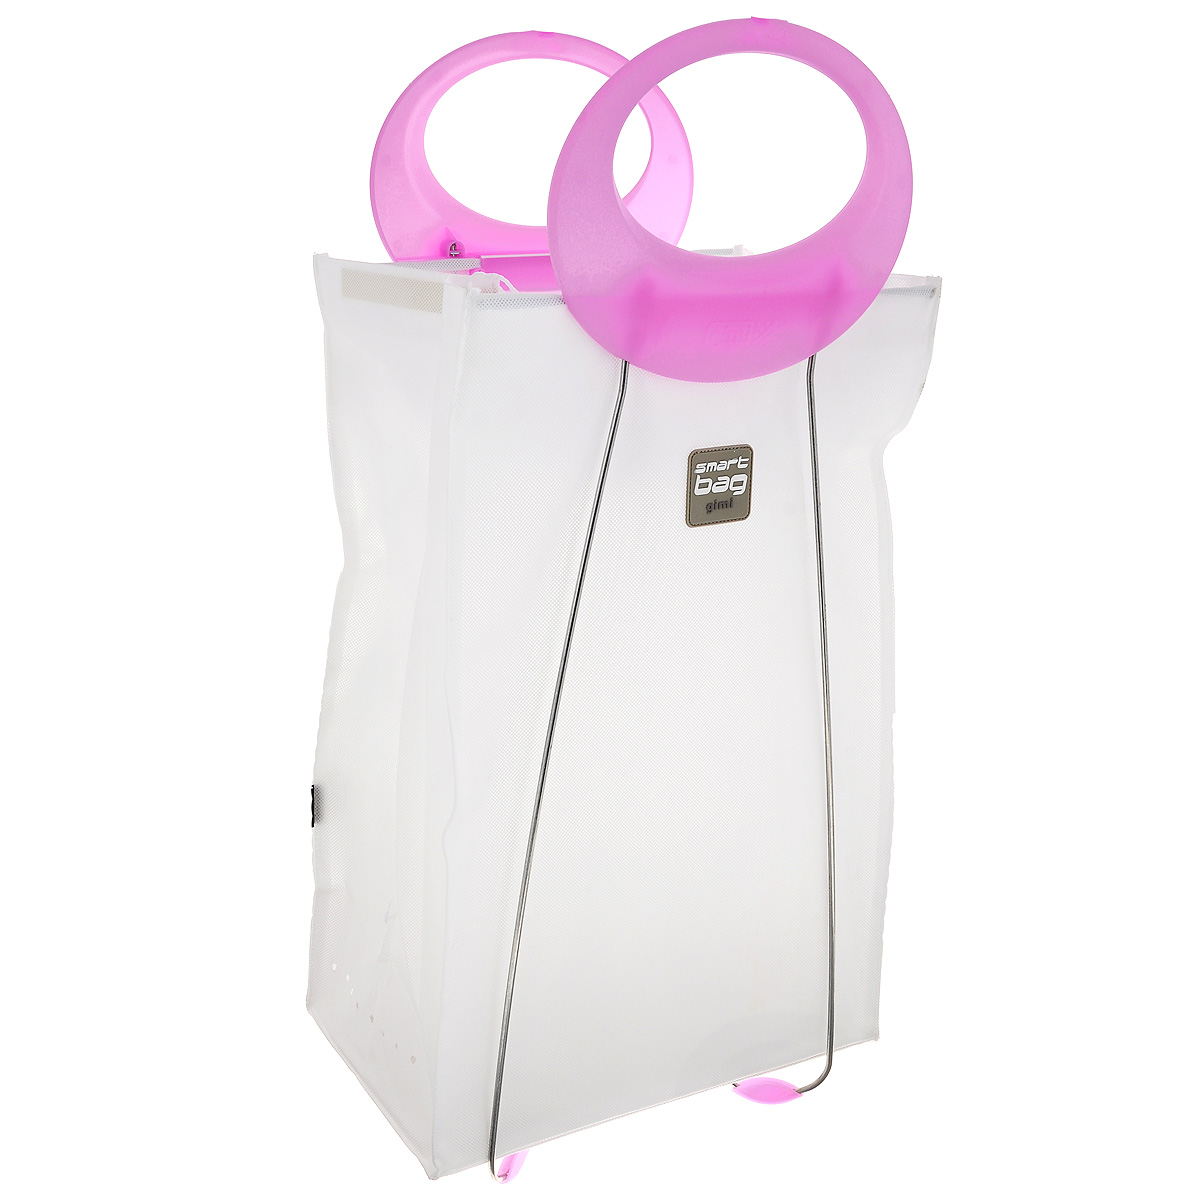 Корзина для белья Gimi Carlotta, цвет: белый, розовый, 39 см х 24 см х 78 смCLP446Корзина Gimi Carlotta, изготовленная из текстиля, предназначена для хранения белья. Каркас корзины выполнен из стали, благодаря чему она хорошо держит форму. Наверху у корзины имеются шнурки, завязав которые, можно скрыть содержимое корзины. В такой корзине удобно переносить белье в химчистку, так как она оснащена эргономичными пластиковыми ручками.В сложенном виде занимает минимум пространства. Легко складывается и раскладывается.Размер в сложенном виде: 39 см х 6 см х 78 см.